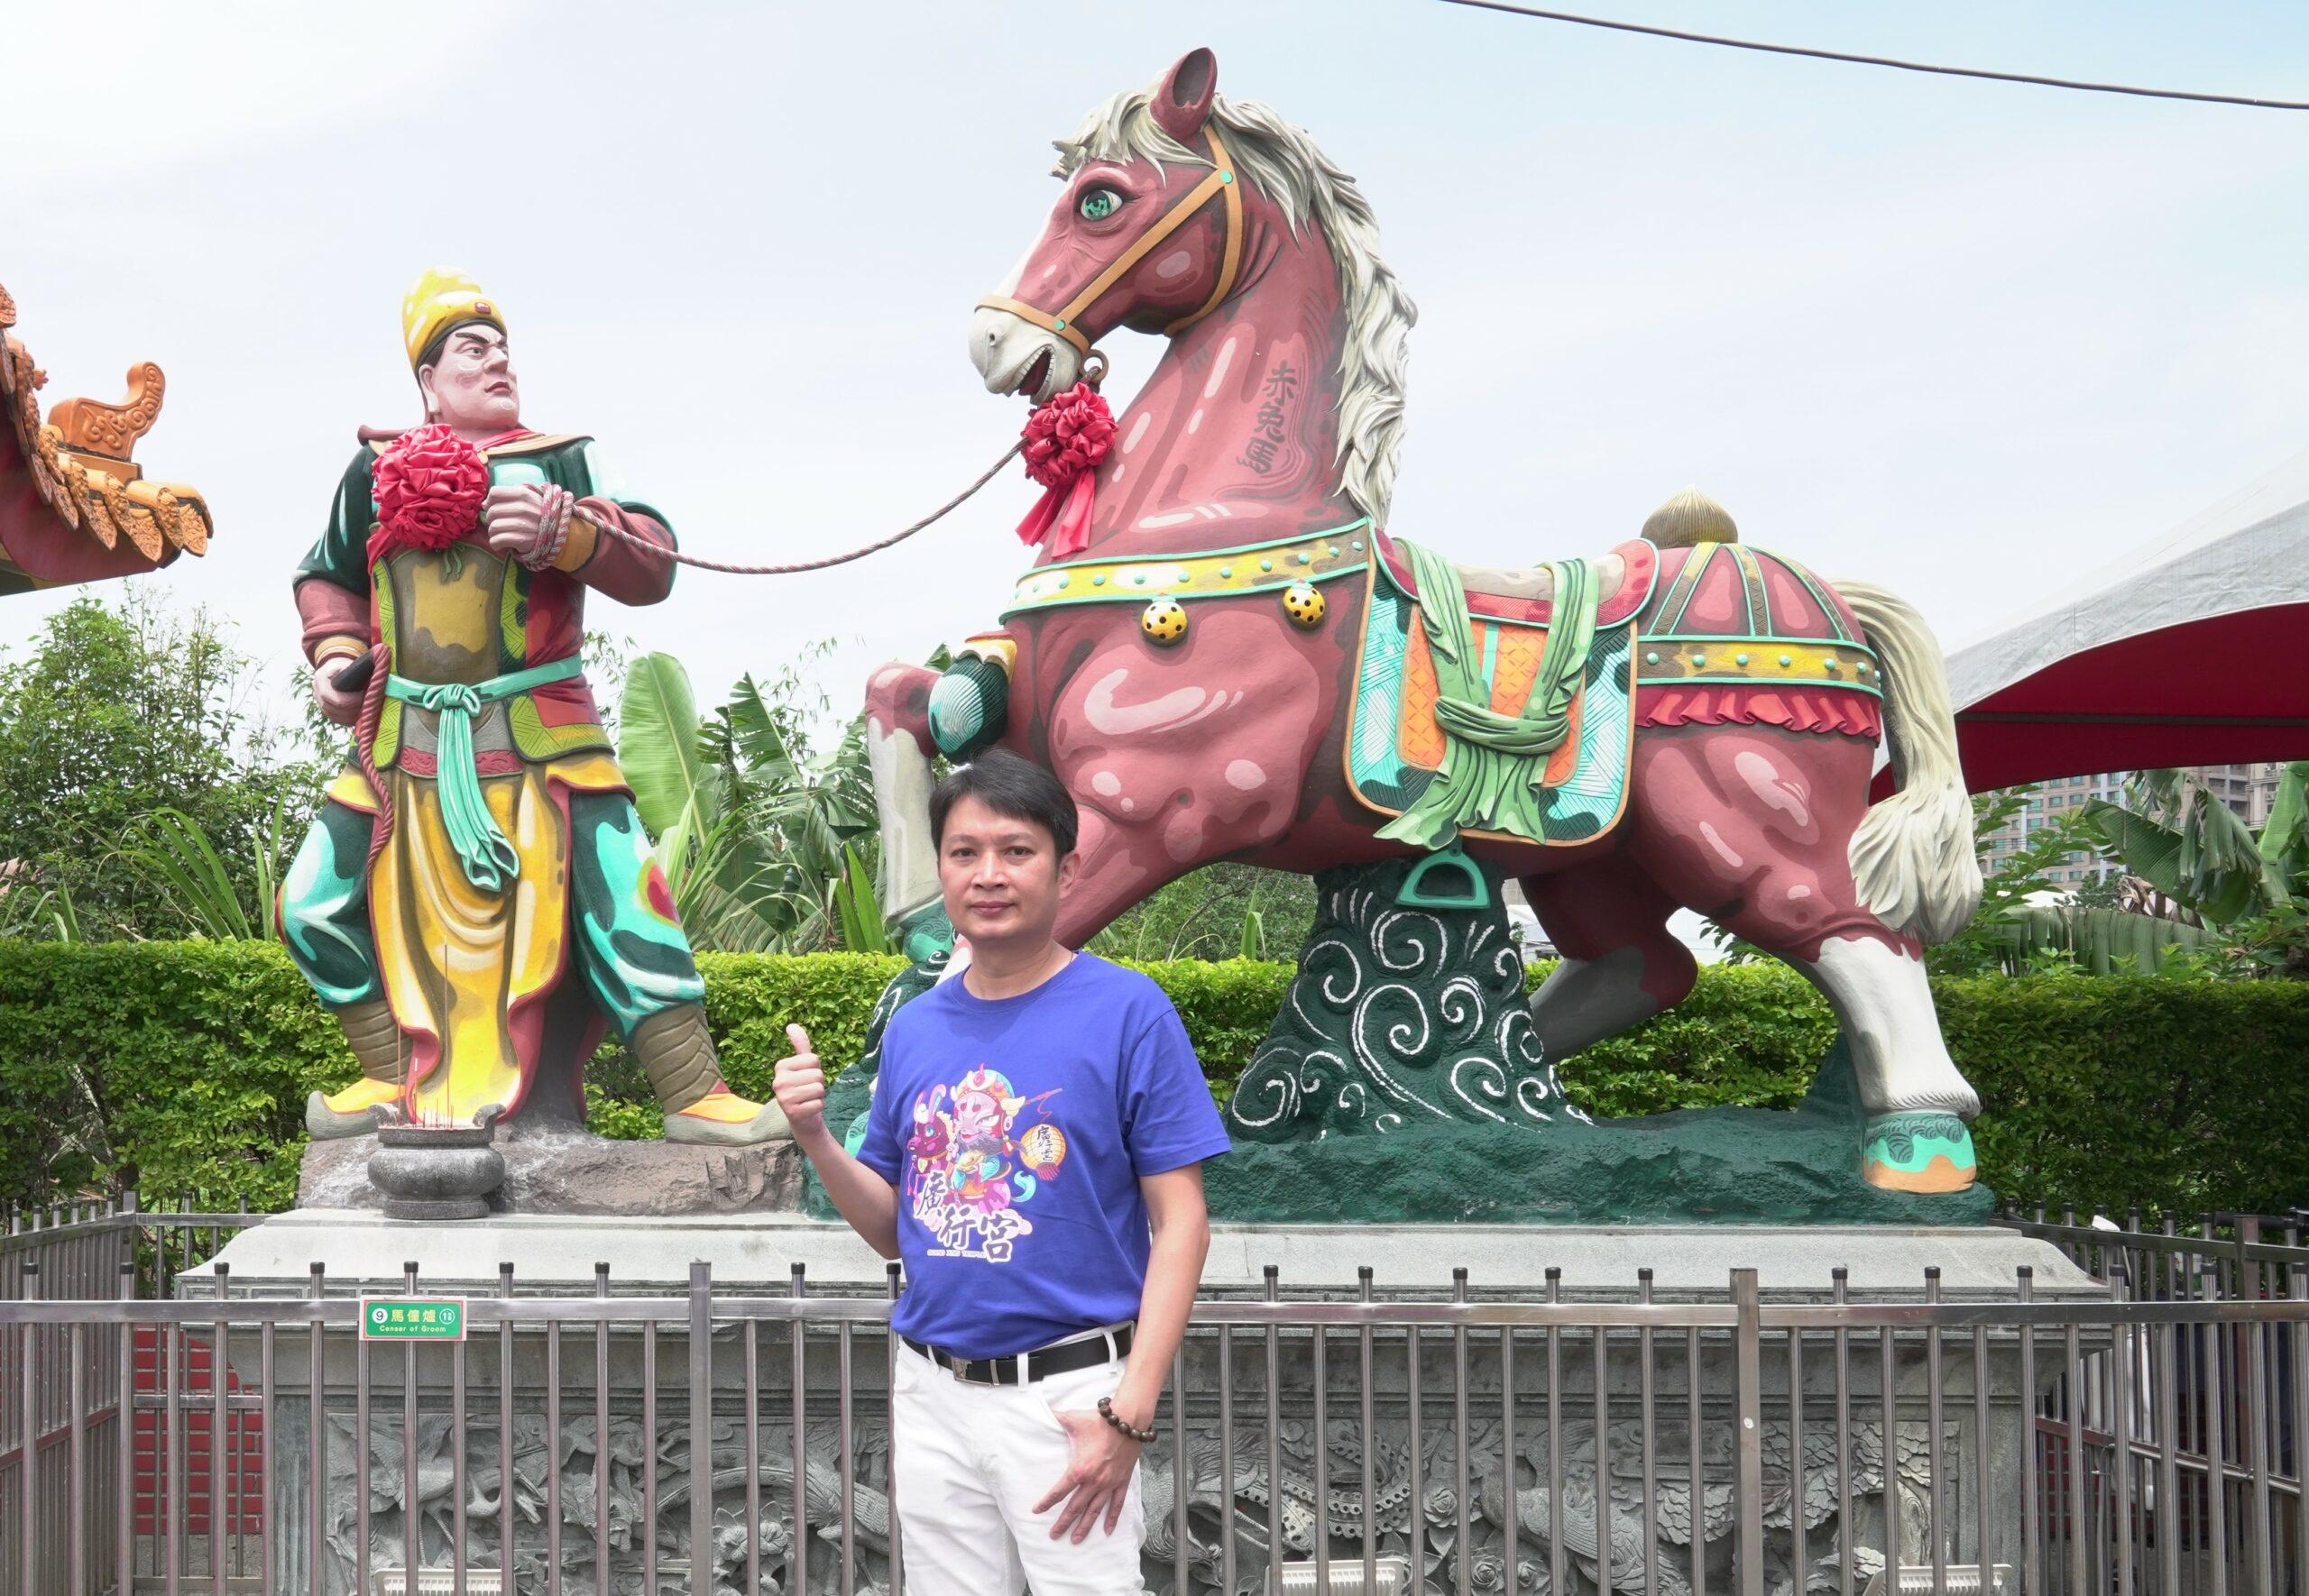 【有影】三峽廣行宮主委成立中華赤兔文教公益協會 親子嘉年華盈餘捐弱勢團體